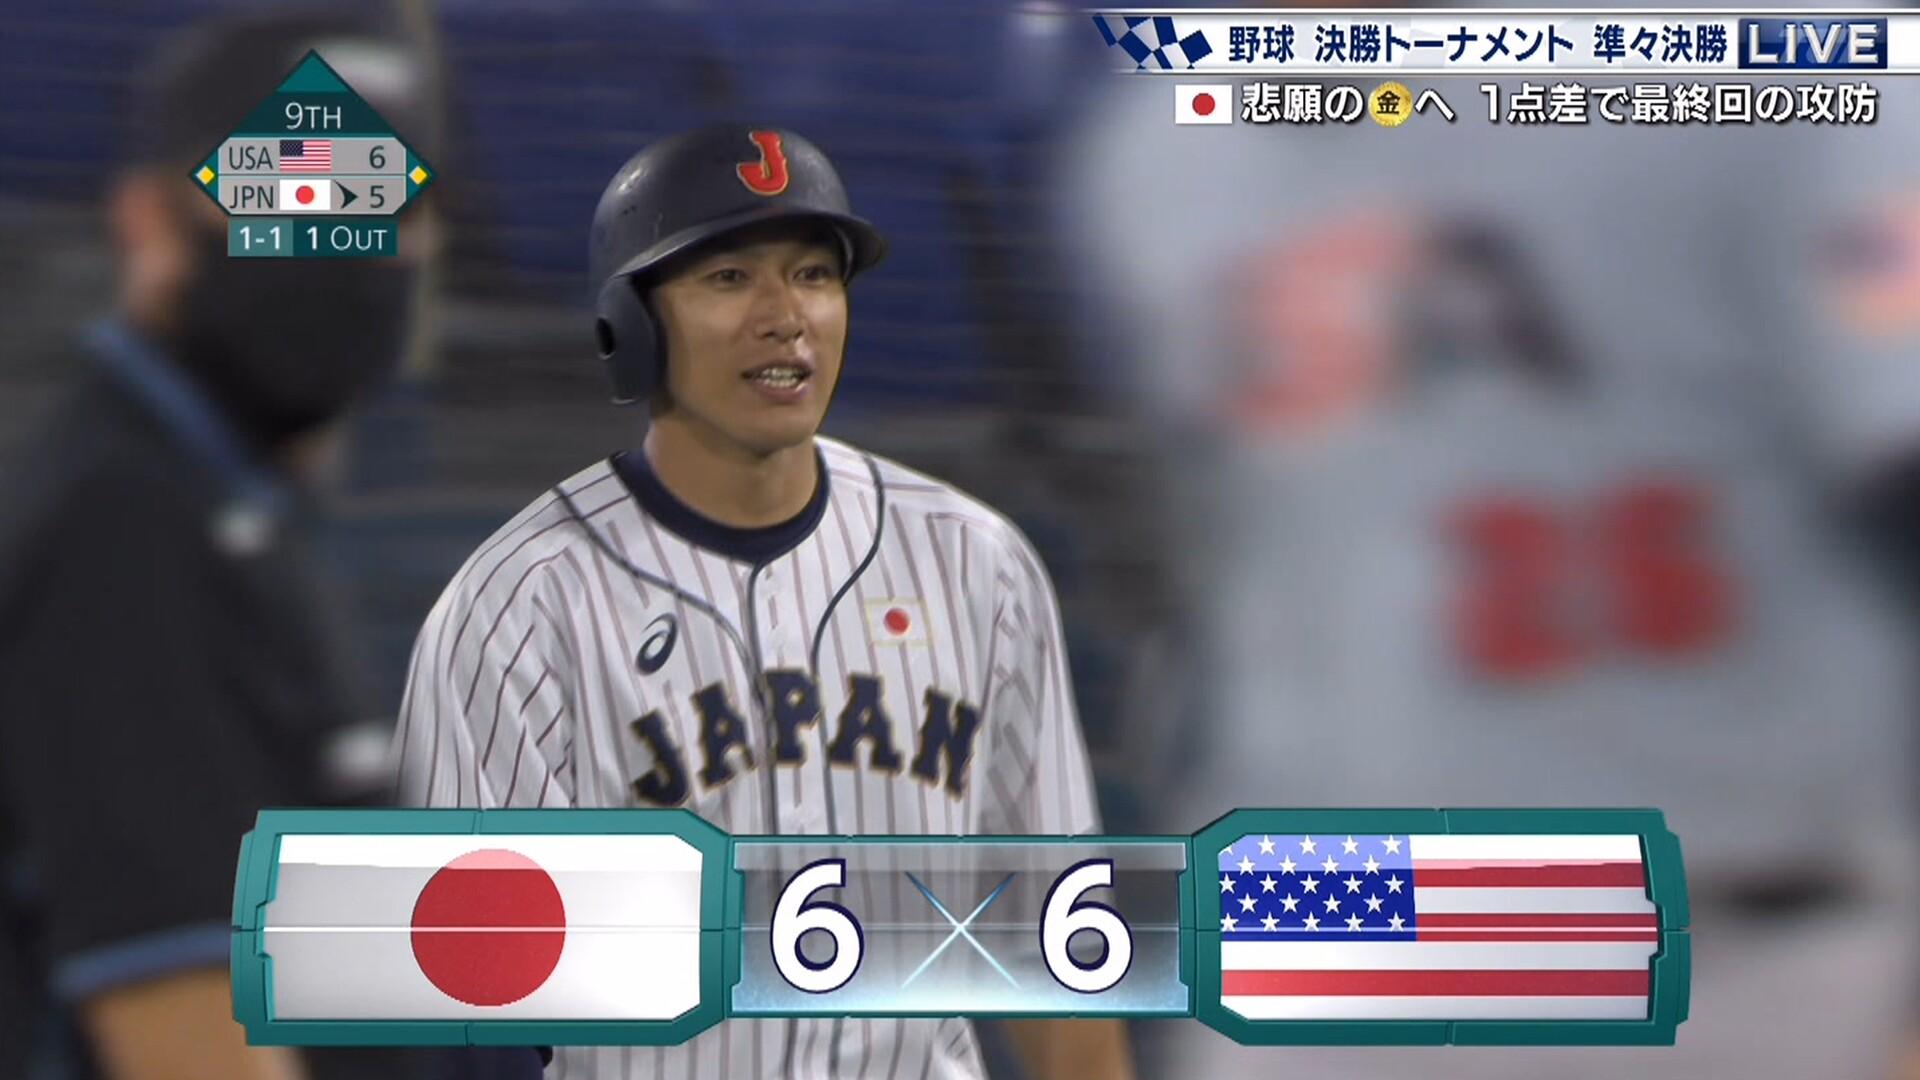 【侍ジャパン】 柳田が最高の最低限! 9回裏同点に追いつき延長戦へ